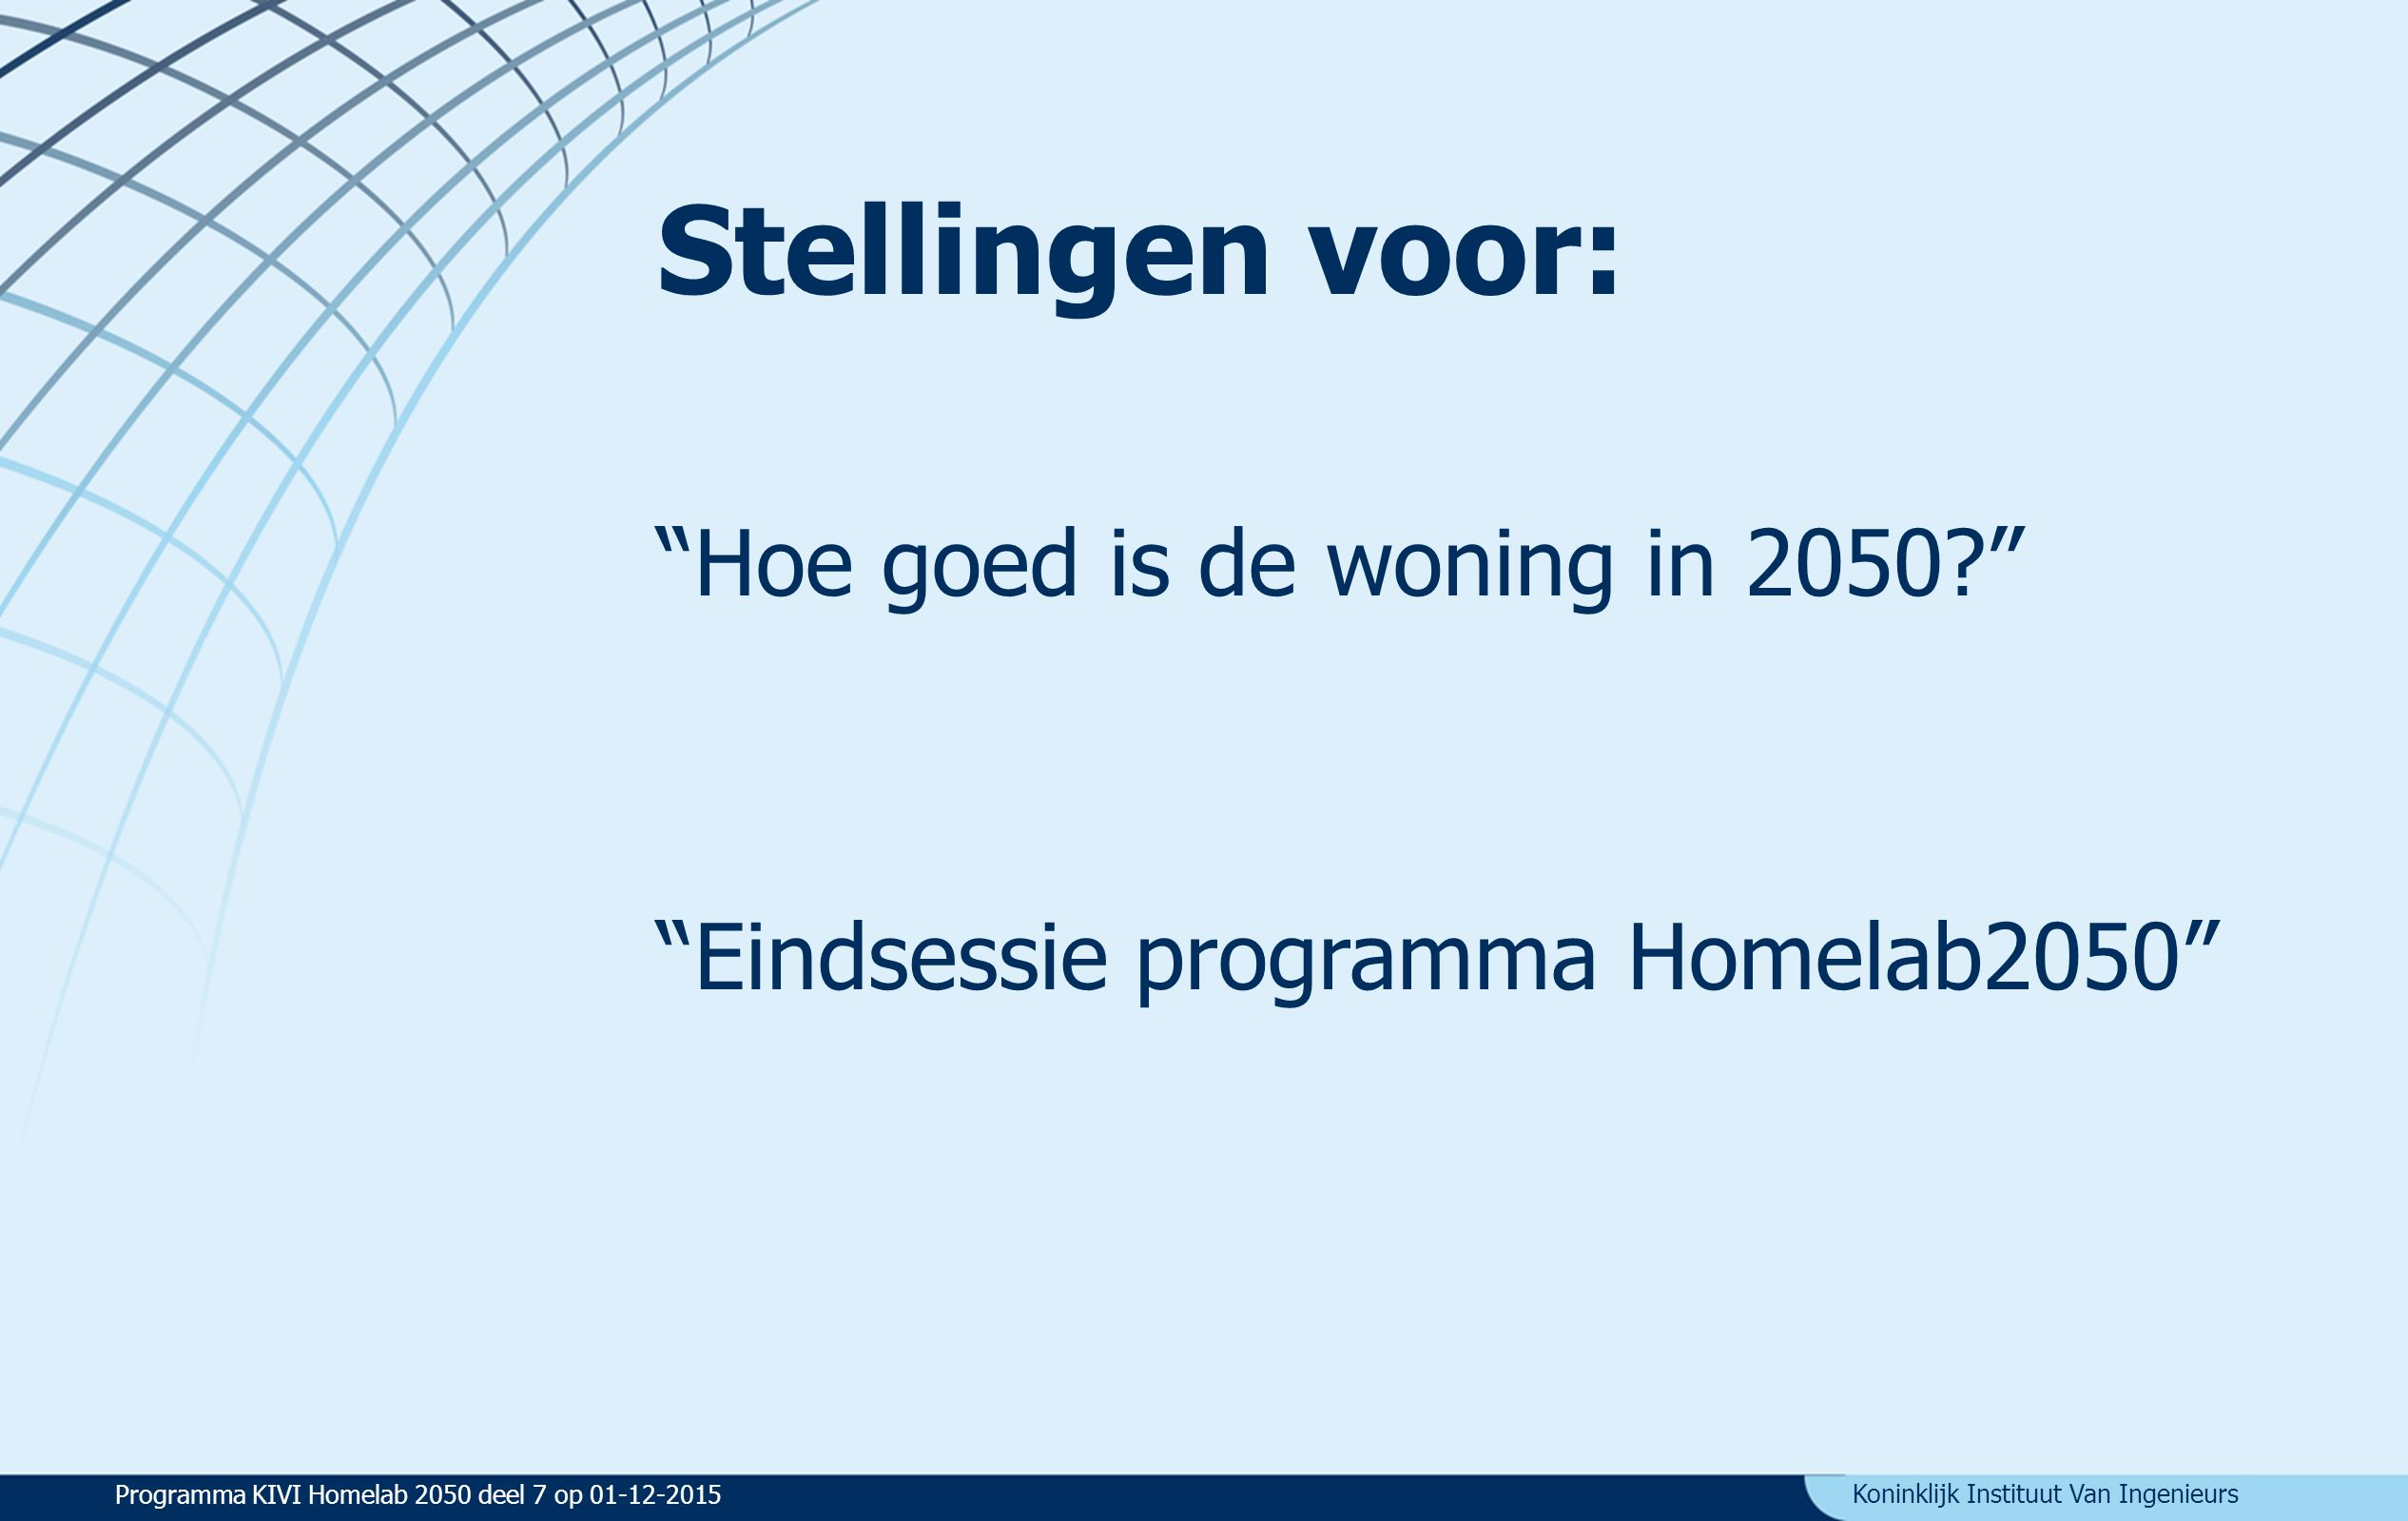 Koninklijk Instituut Van Ingenieurs Stellingen voor: Hoe goed is de woning in 2050 Eindsessie programma Homelab2050 Programma KIVI Homelab 2050 deel 7 op 01-12-2015